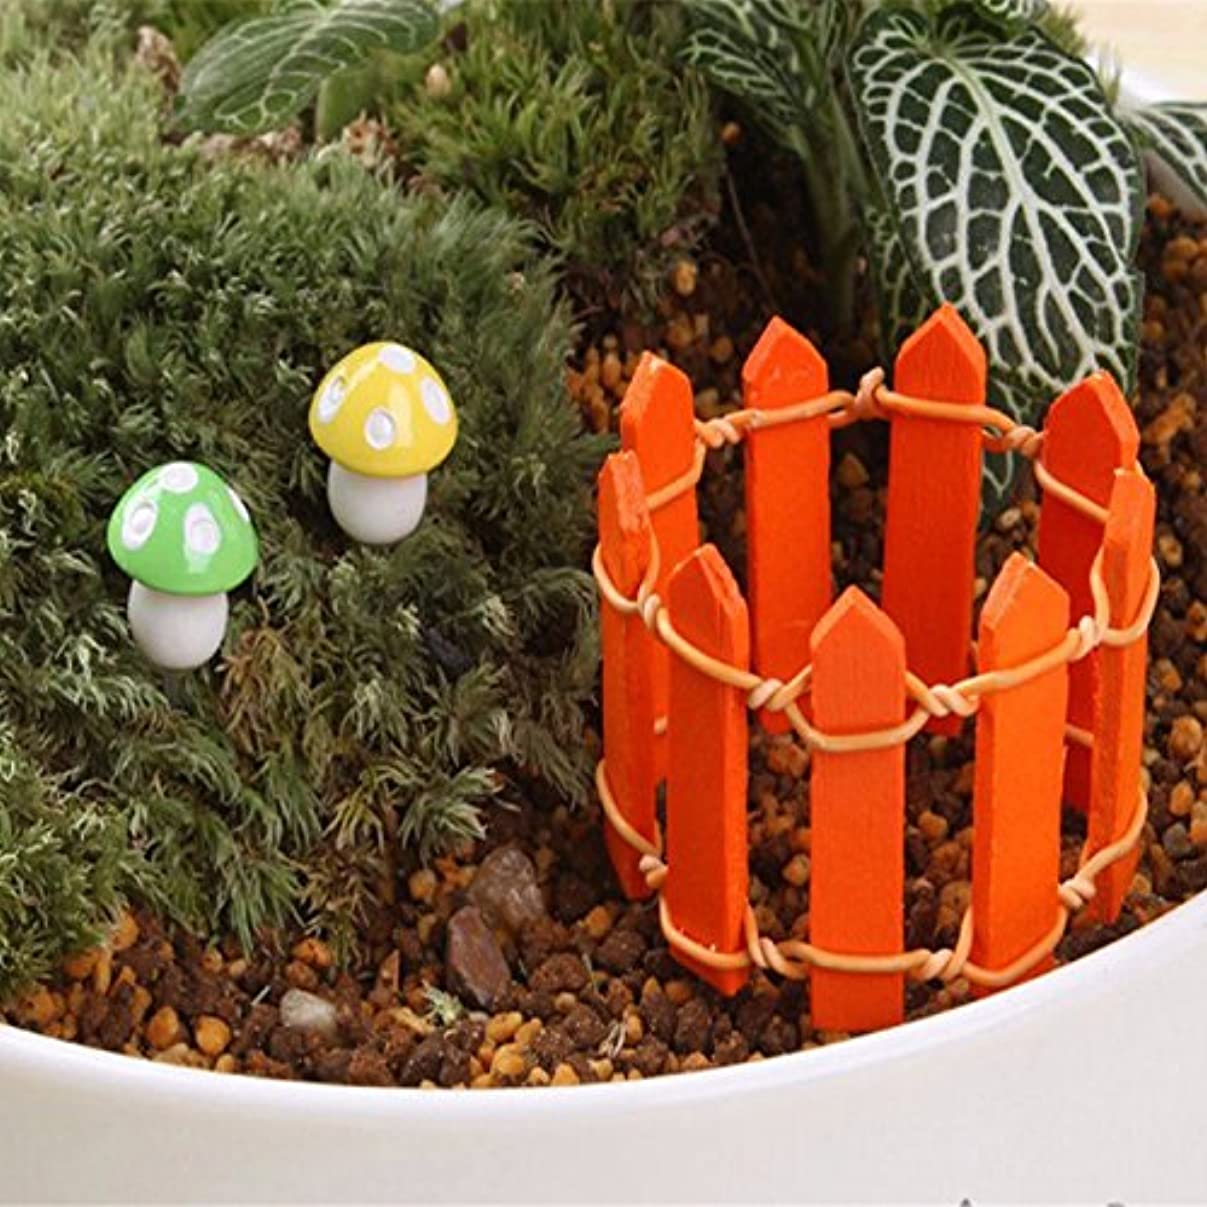 どうしたの相互設計図Jicorzo - 20個DIY木製の小さなフェンスモステラリウム植木鉢工芸ミニおもちゃフェアリーガーデンミニチュア[オレンジ]